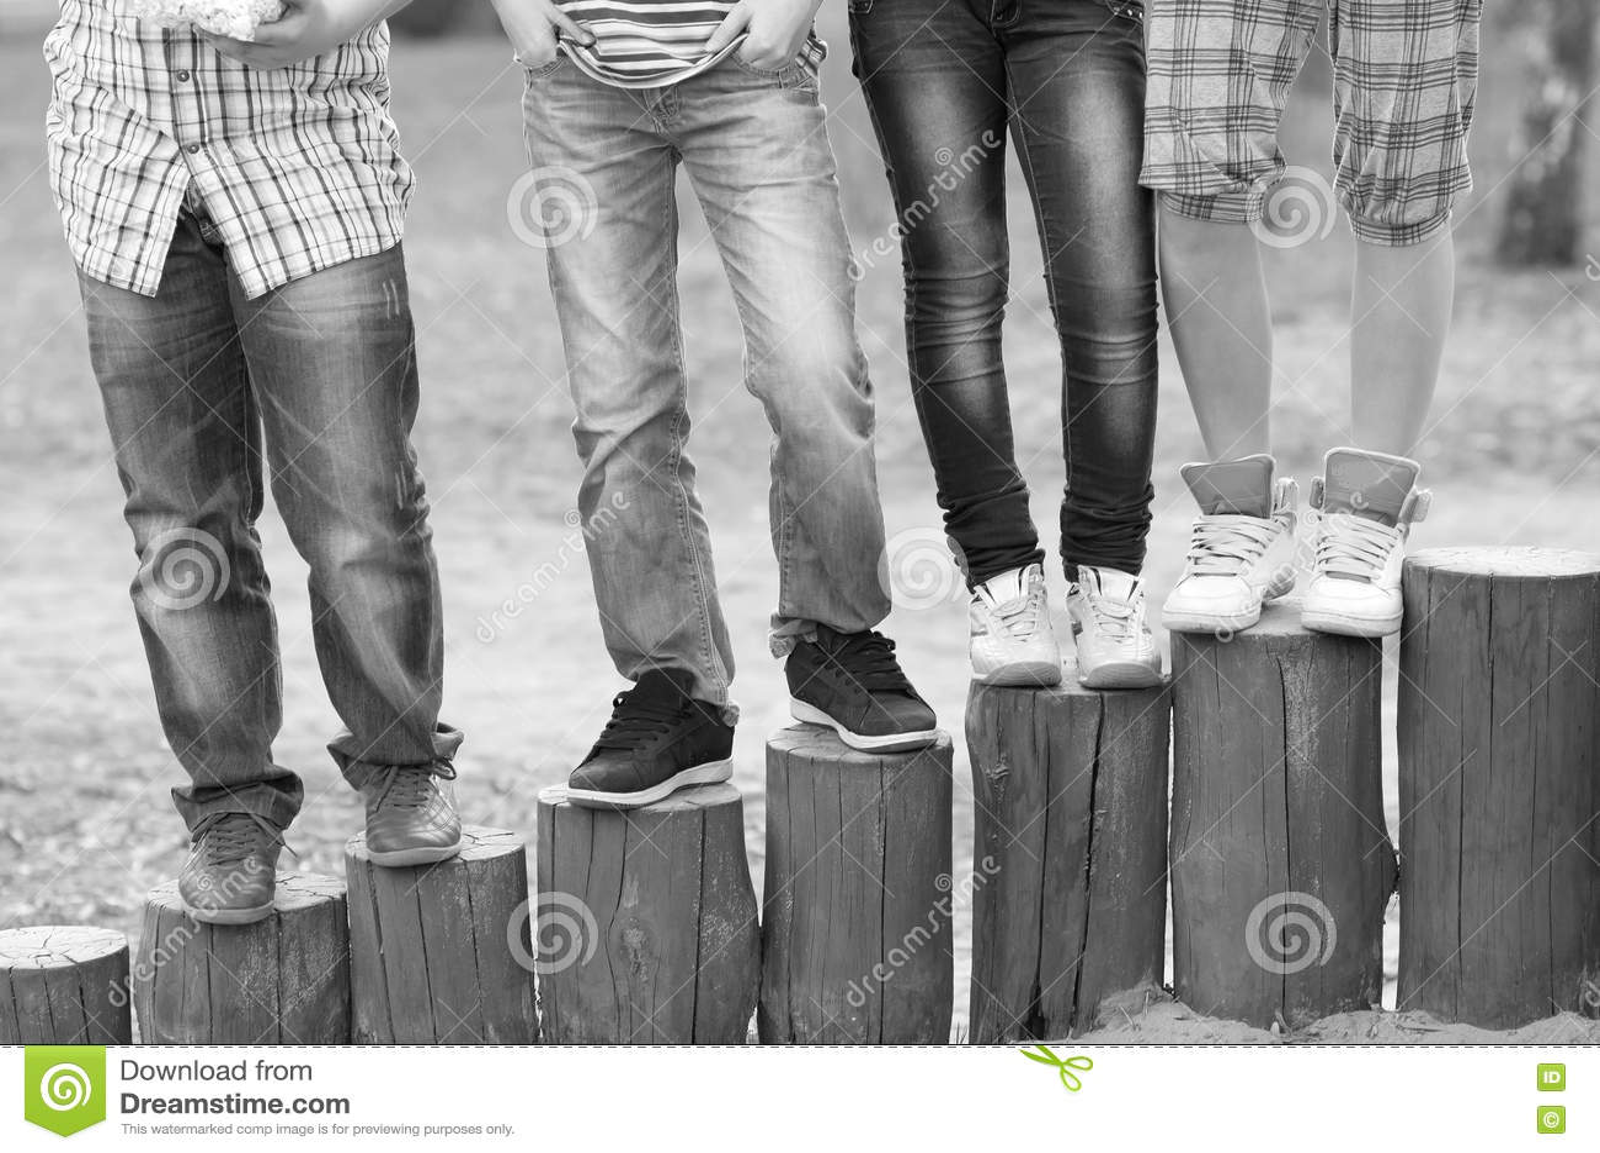 腿和脚十几岁的男孩和女孩室外黑白